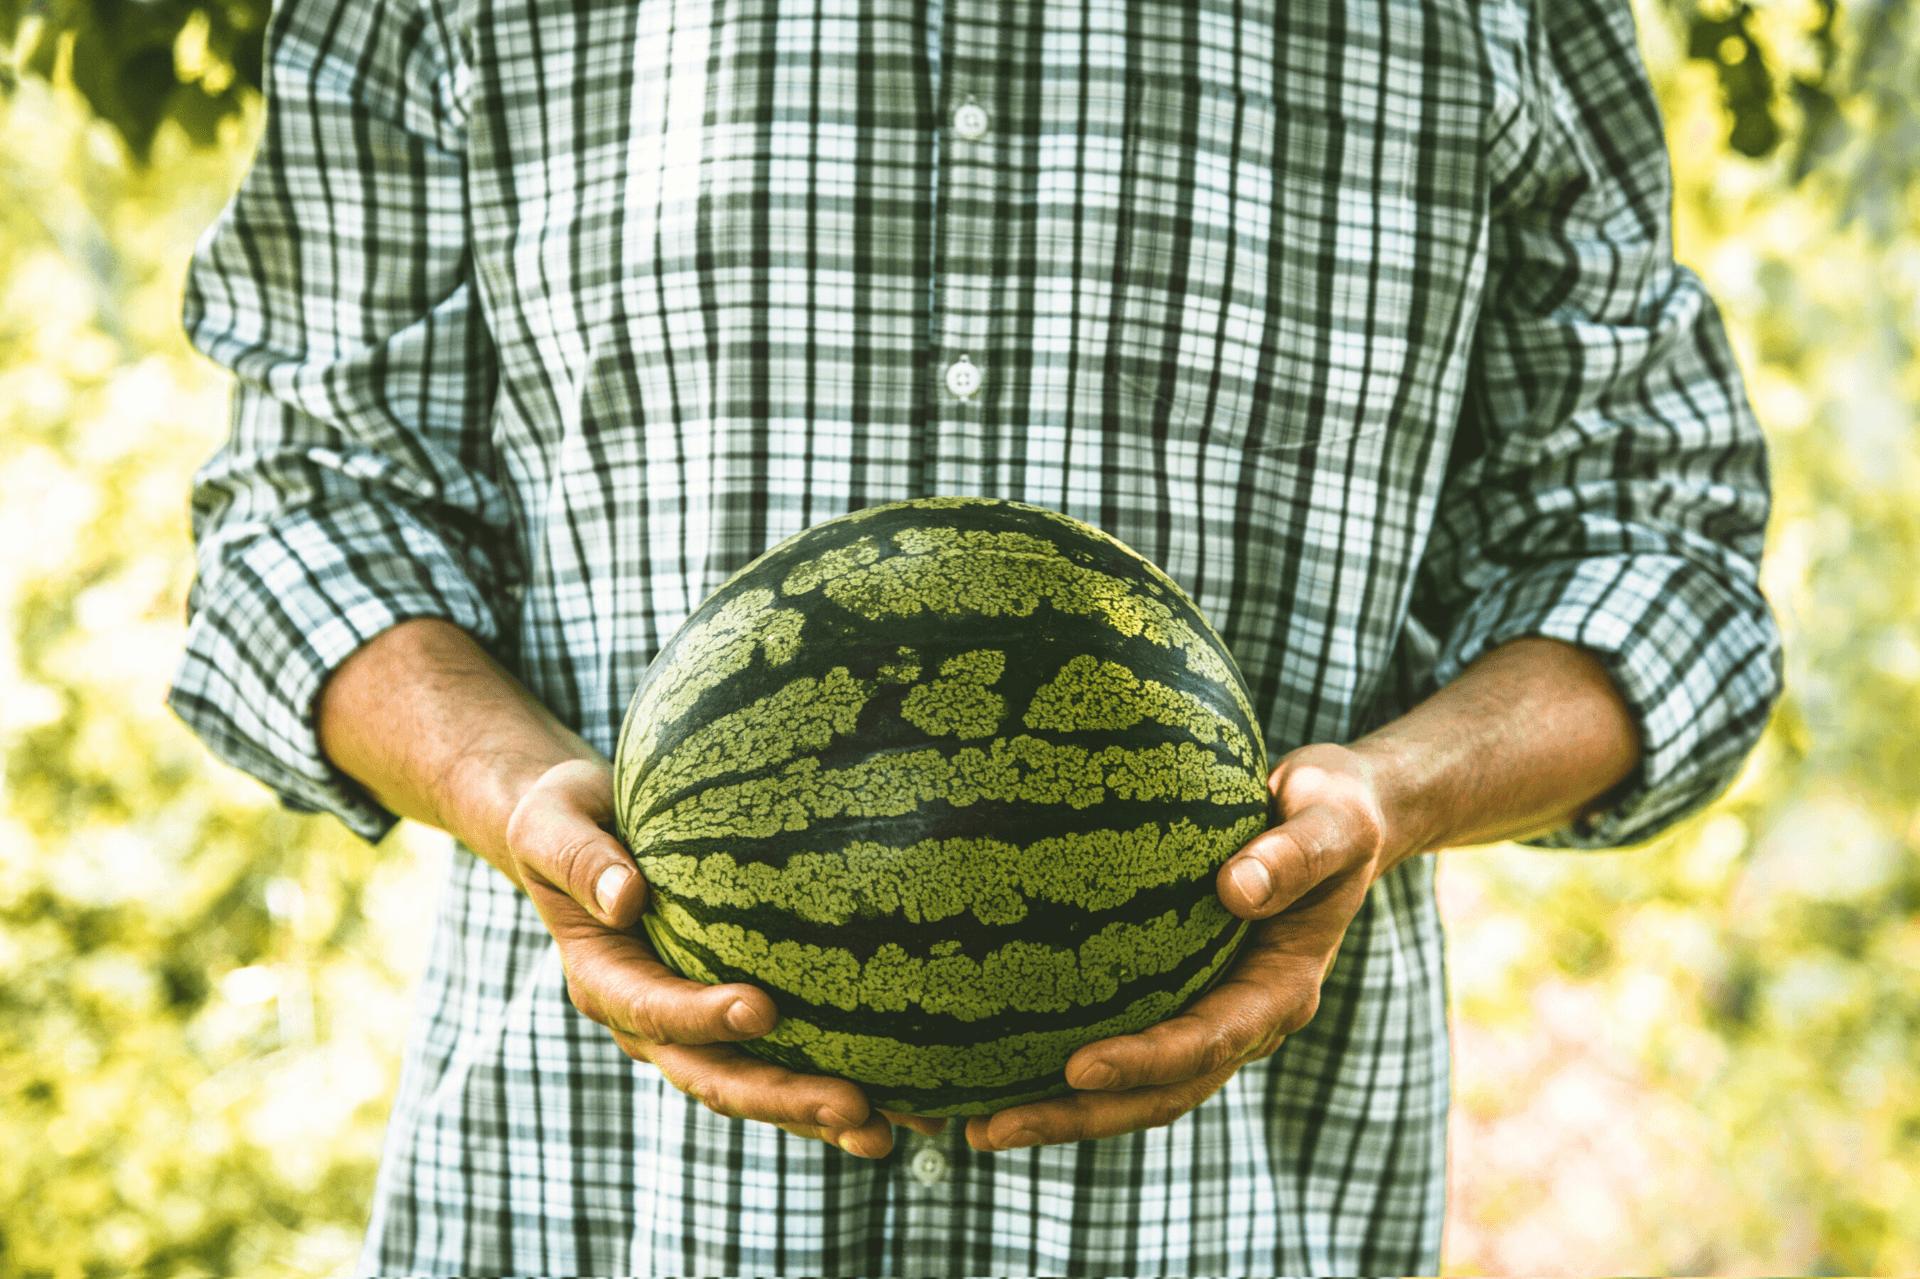 seminte pentru pepeni verzi 1 - Sfaturi pentru obtinerea unei culturi bogate de pepene verde